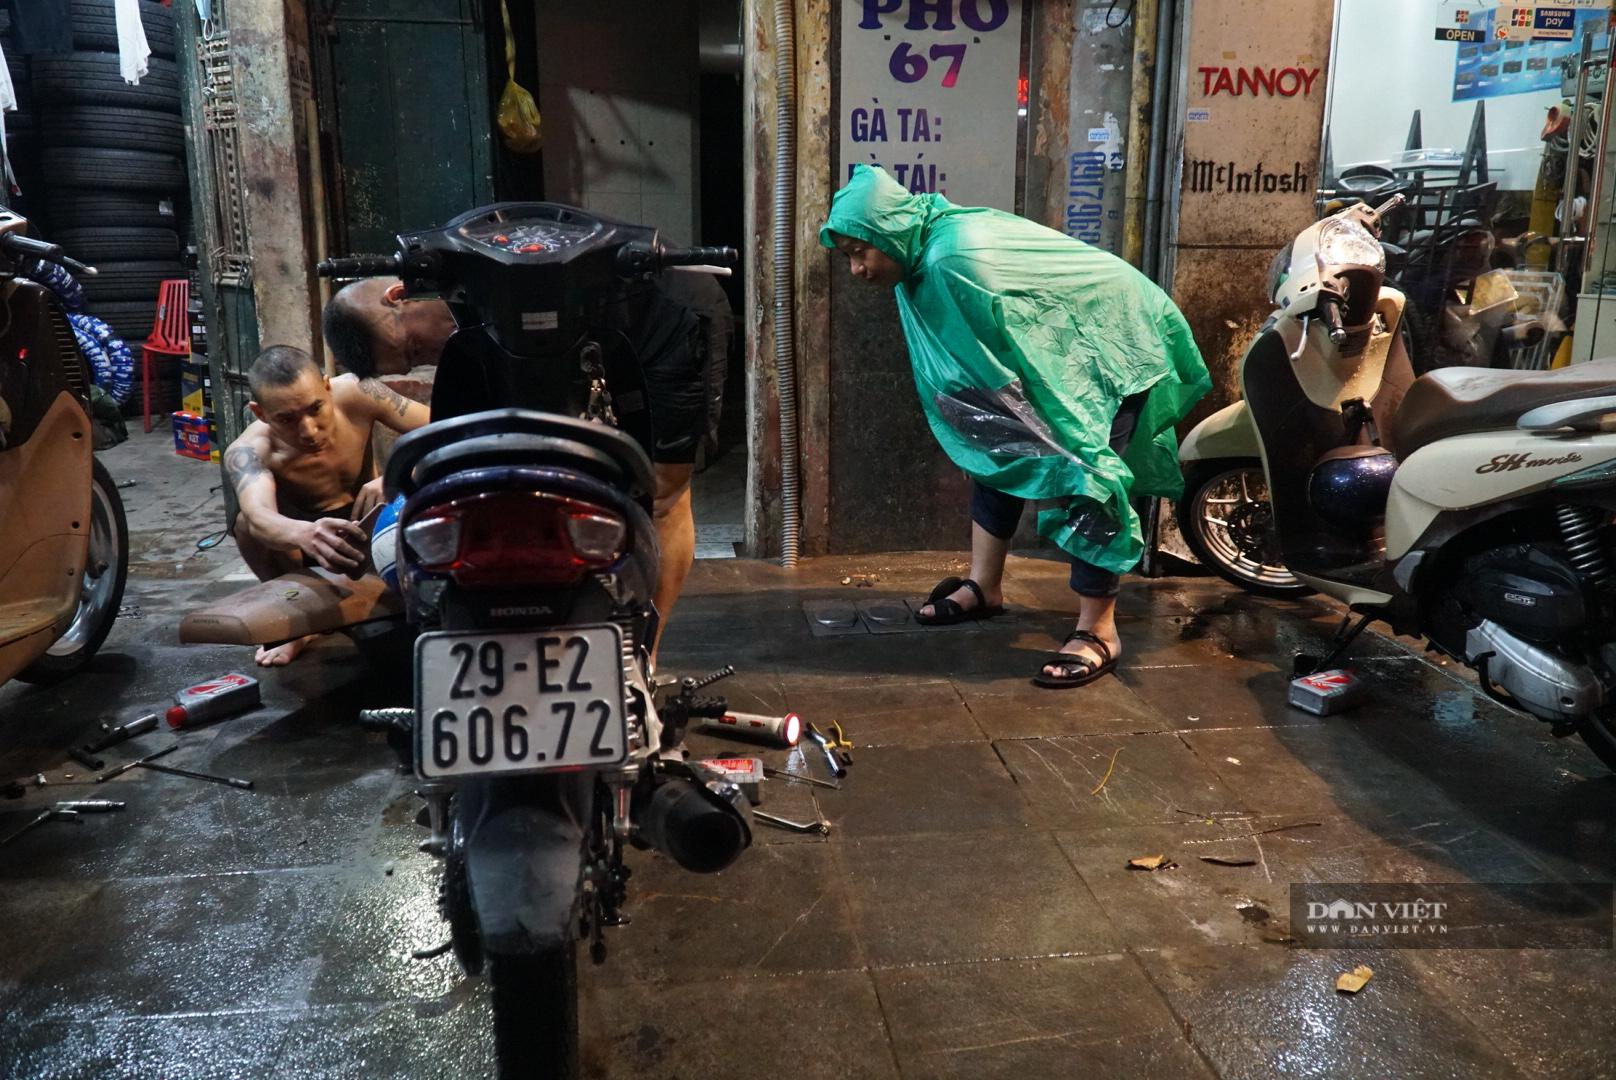 Hà Nội: Lau bugi xe sau cơn mưa lớn kiếm bộn tiền - Ảnh 6.